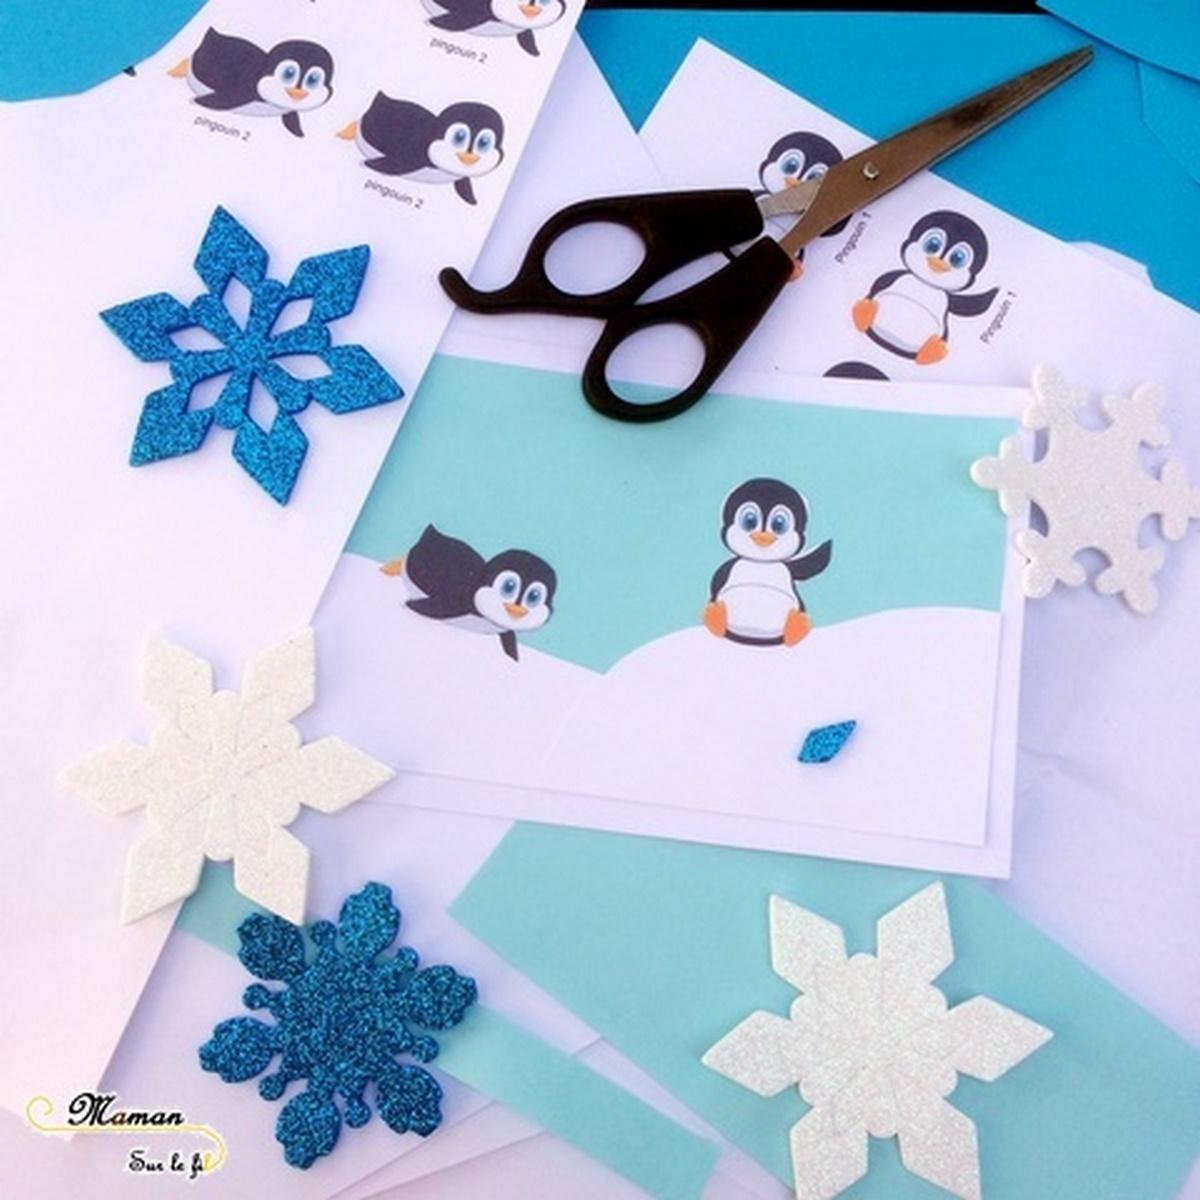 Carte d'invitation Anniversaire DIY - Pingouins et Banquise - collage - bricolage activité enfants - créatif - mslf